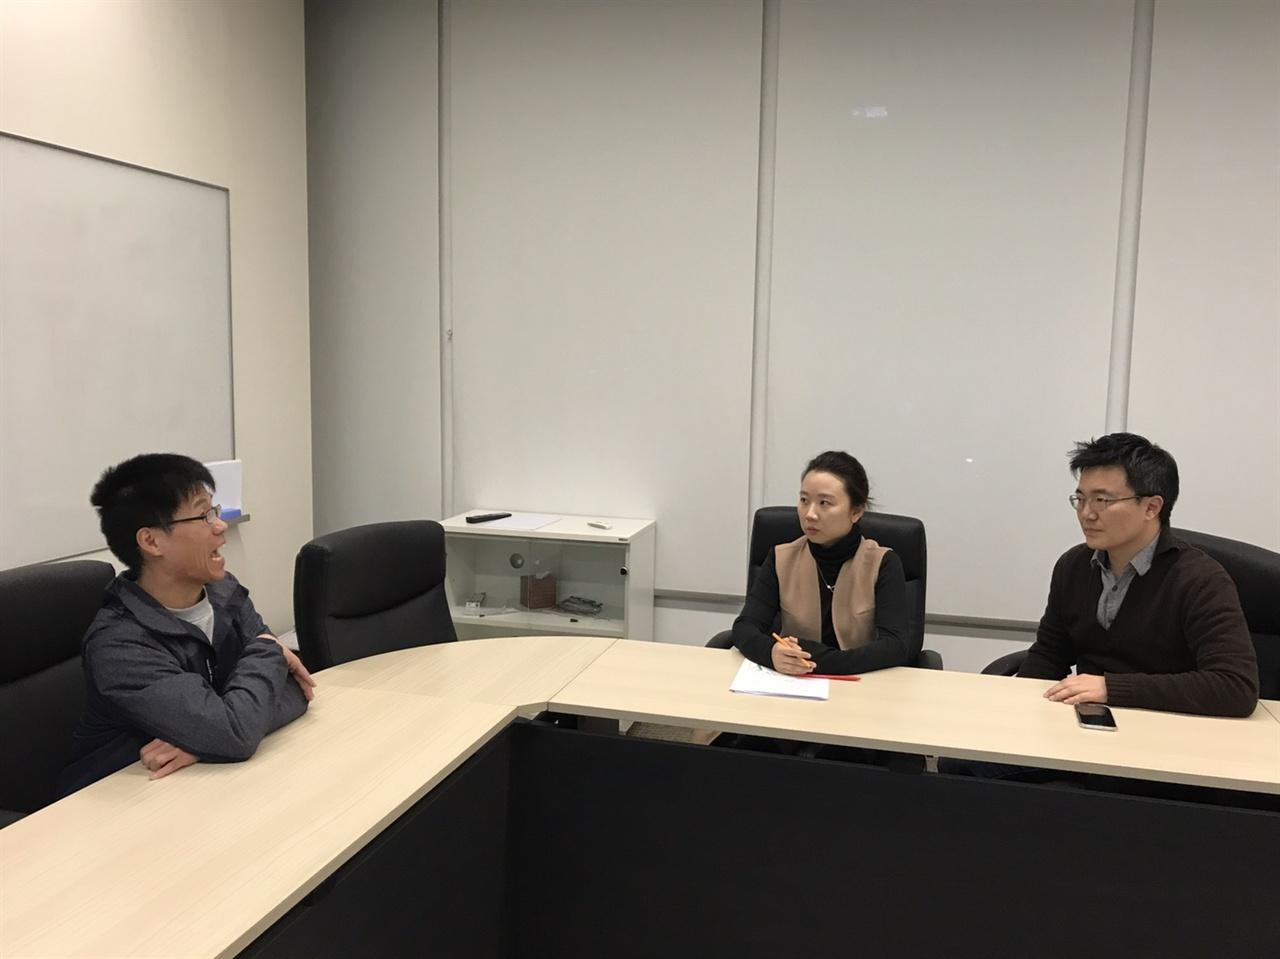 최훈(우), 공윤선(좌) MBC 보도국 탐사기획팀 기자가 인터뷰를 하고 있다